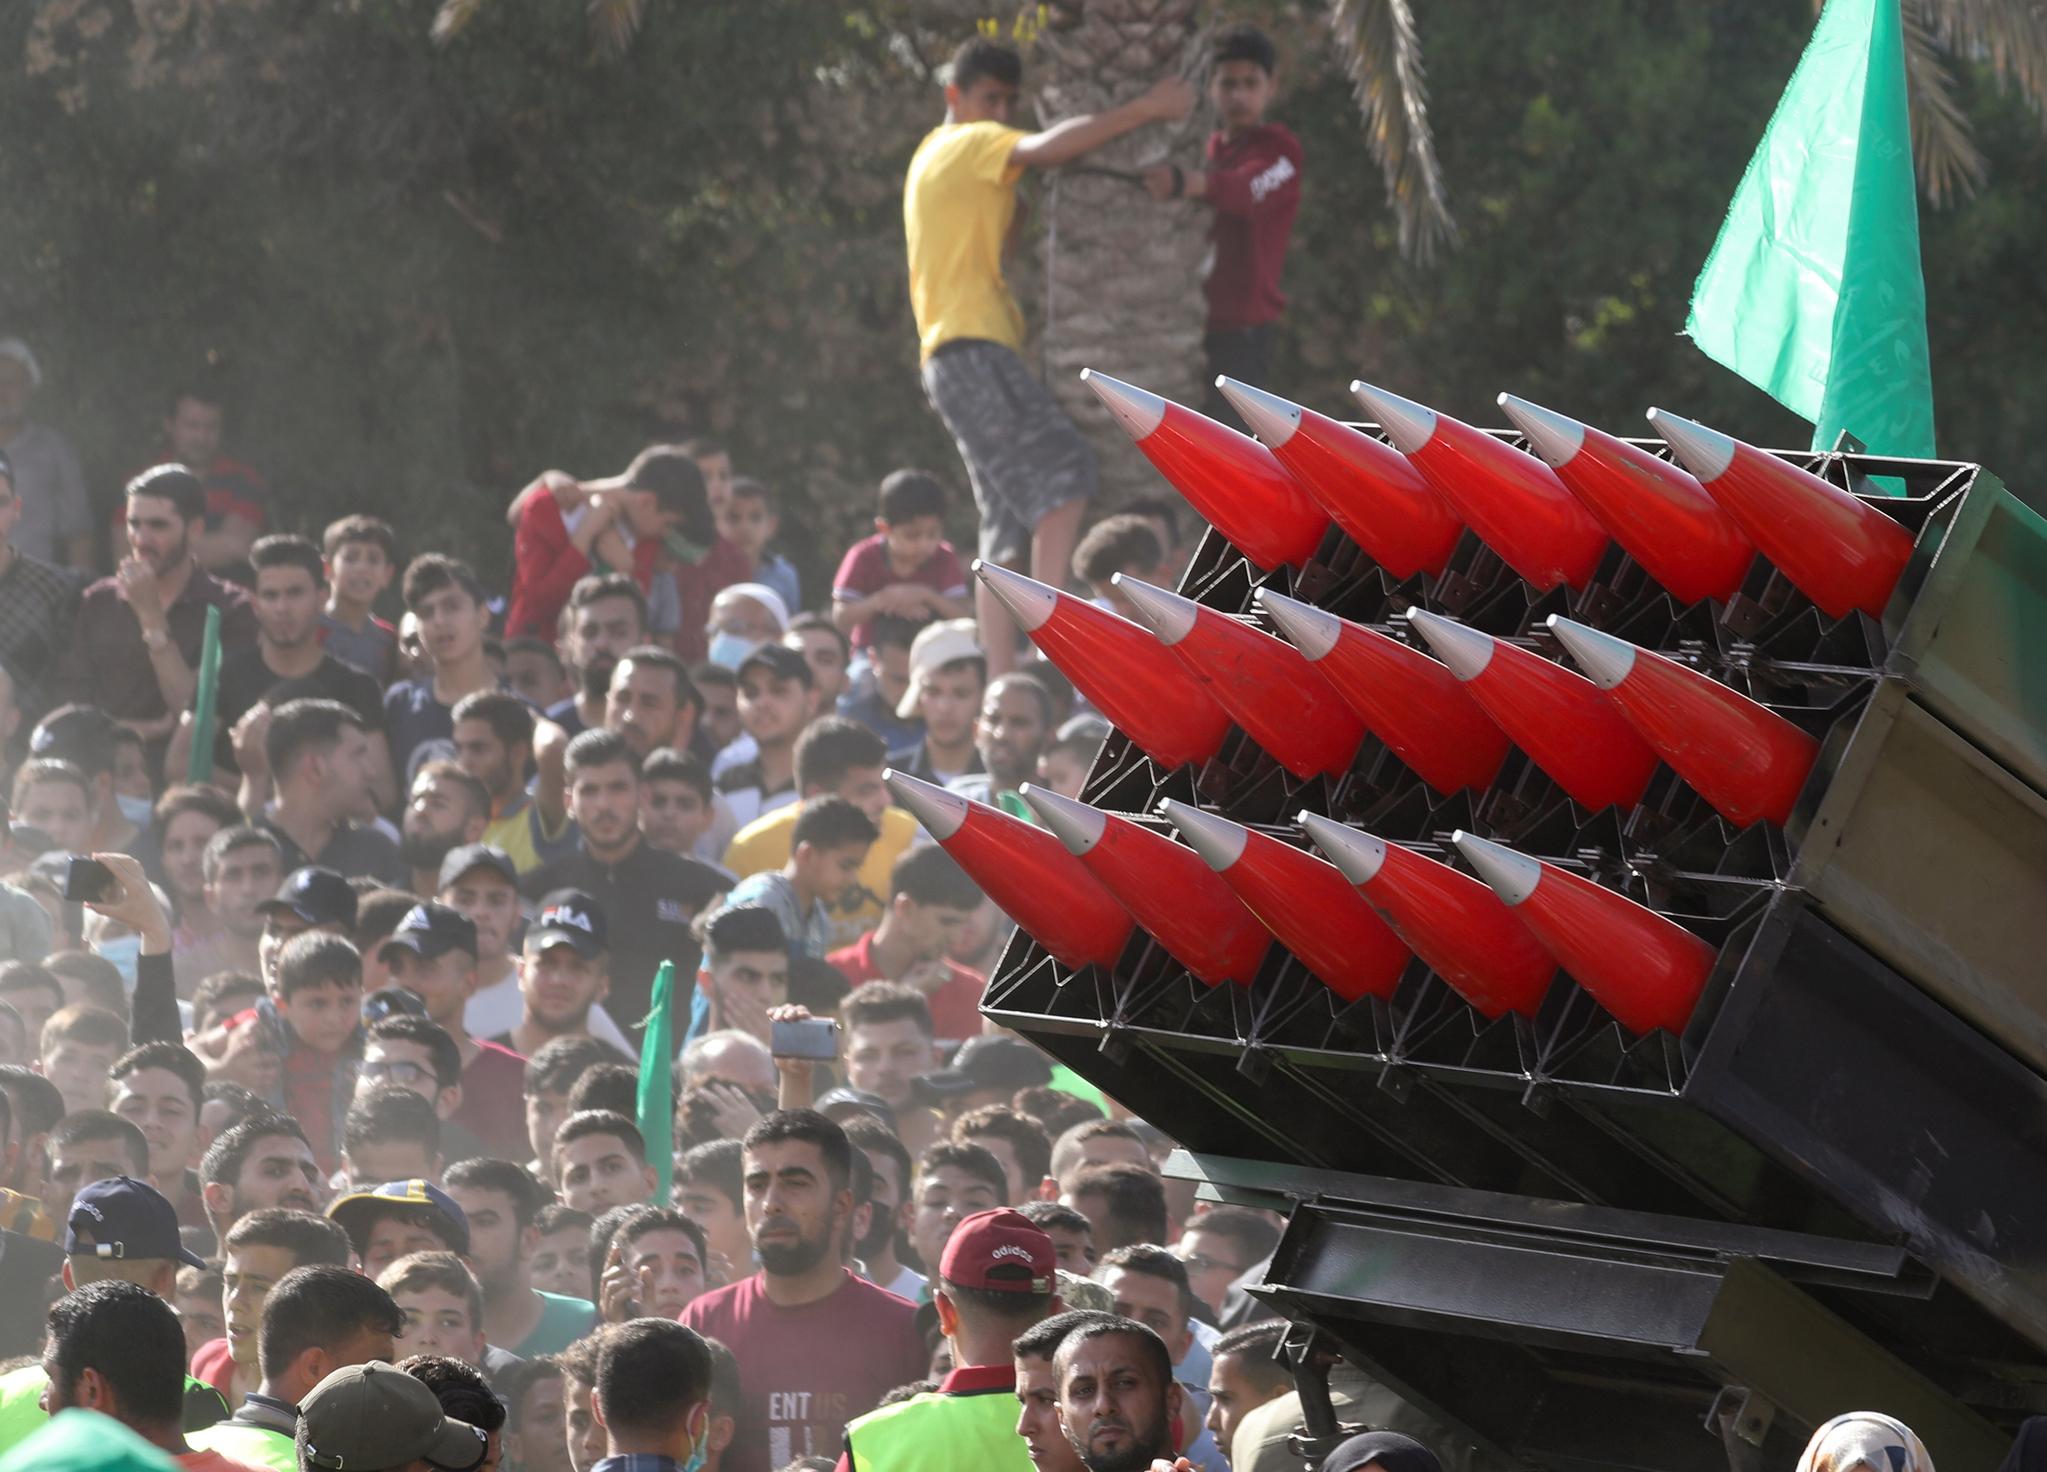 팔레스타인 무장정파 하마스가 30일(현지시간) 가자지구 북부 베이트 라히아에서 반 이스라엘 군사 퍼레이드를 열었다. 트럭에 장착된 다연장 로켓포가 행렬을 지나고 있다. 로이터=연합뉴스